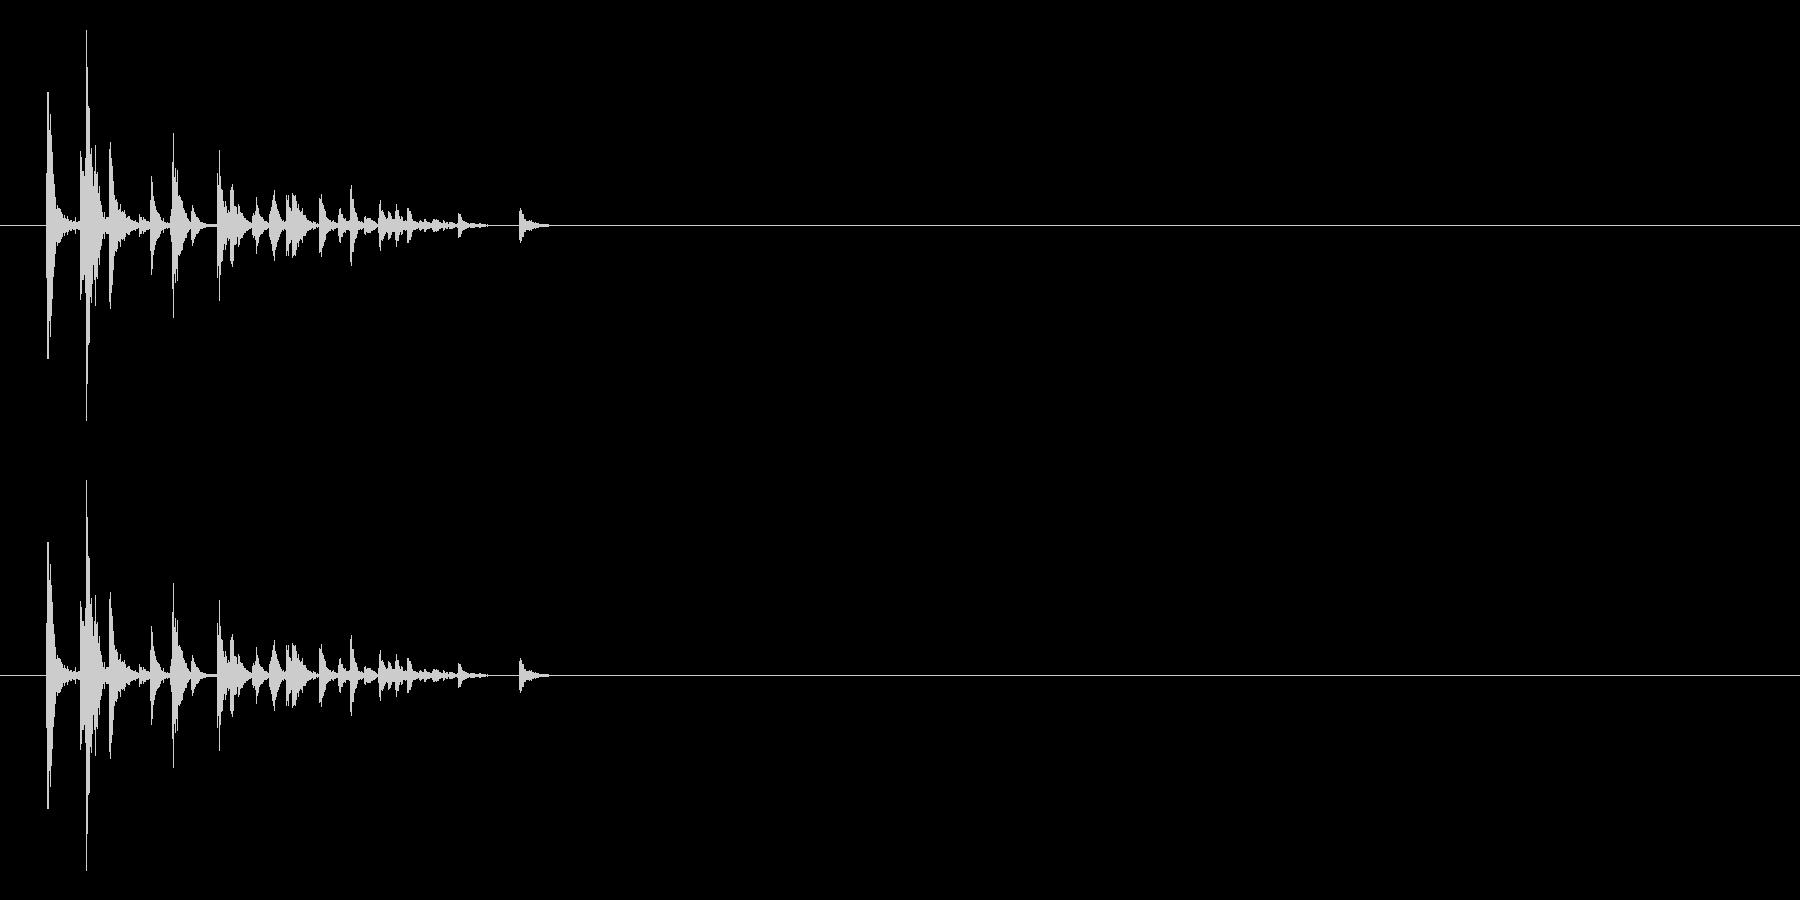 サイコロを振る/すごろく/ダイス_2個の未再生の波形